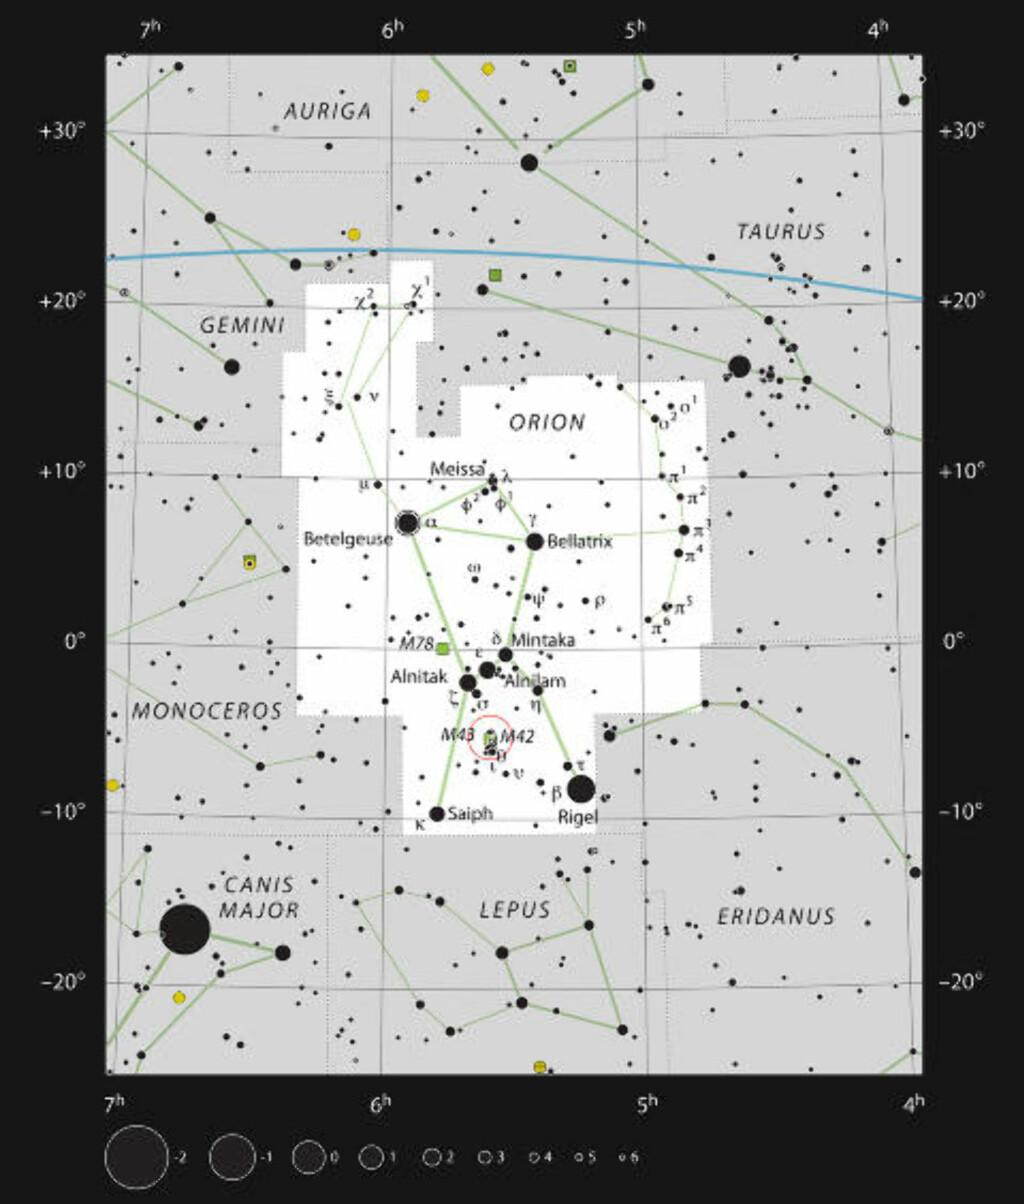 GODT SYNLIG: Denne figuren viser plasseringen av Orion Nebula i det berømte stjernebildet Orion. Kartet viser de fleste av stjernene er synlige for det blotte øyet under gode forhold. Orion Nebula seg selv er markert med en rød sirkel på bildet. Foto: ESO, IAU and Sky & Telescope